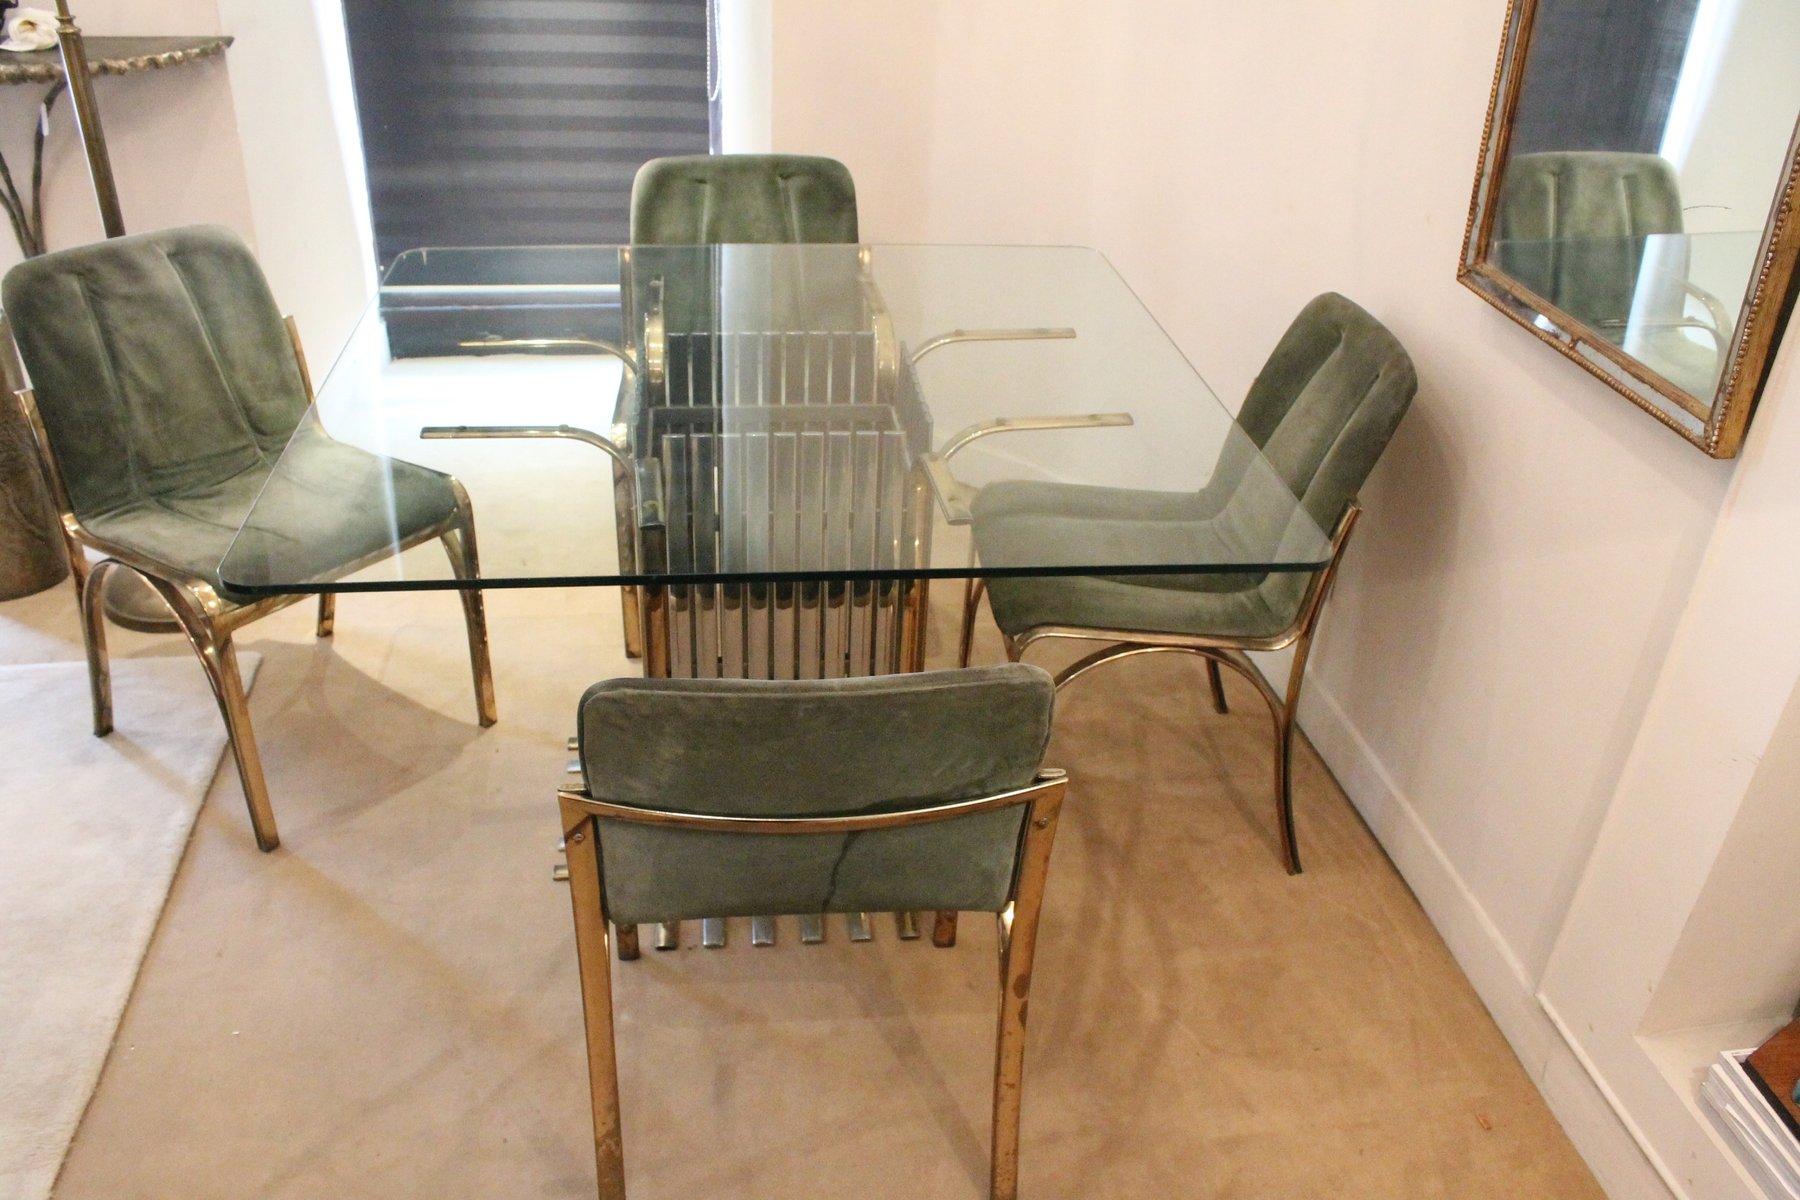 glas esstisch mit vier st hlen italien 1970 bei pamono kaufen. Black Bedroom Furniture Sets. Home Design Ideas